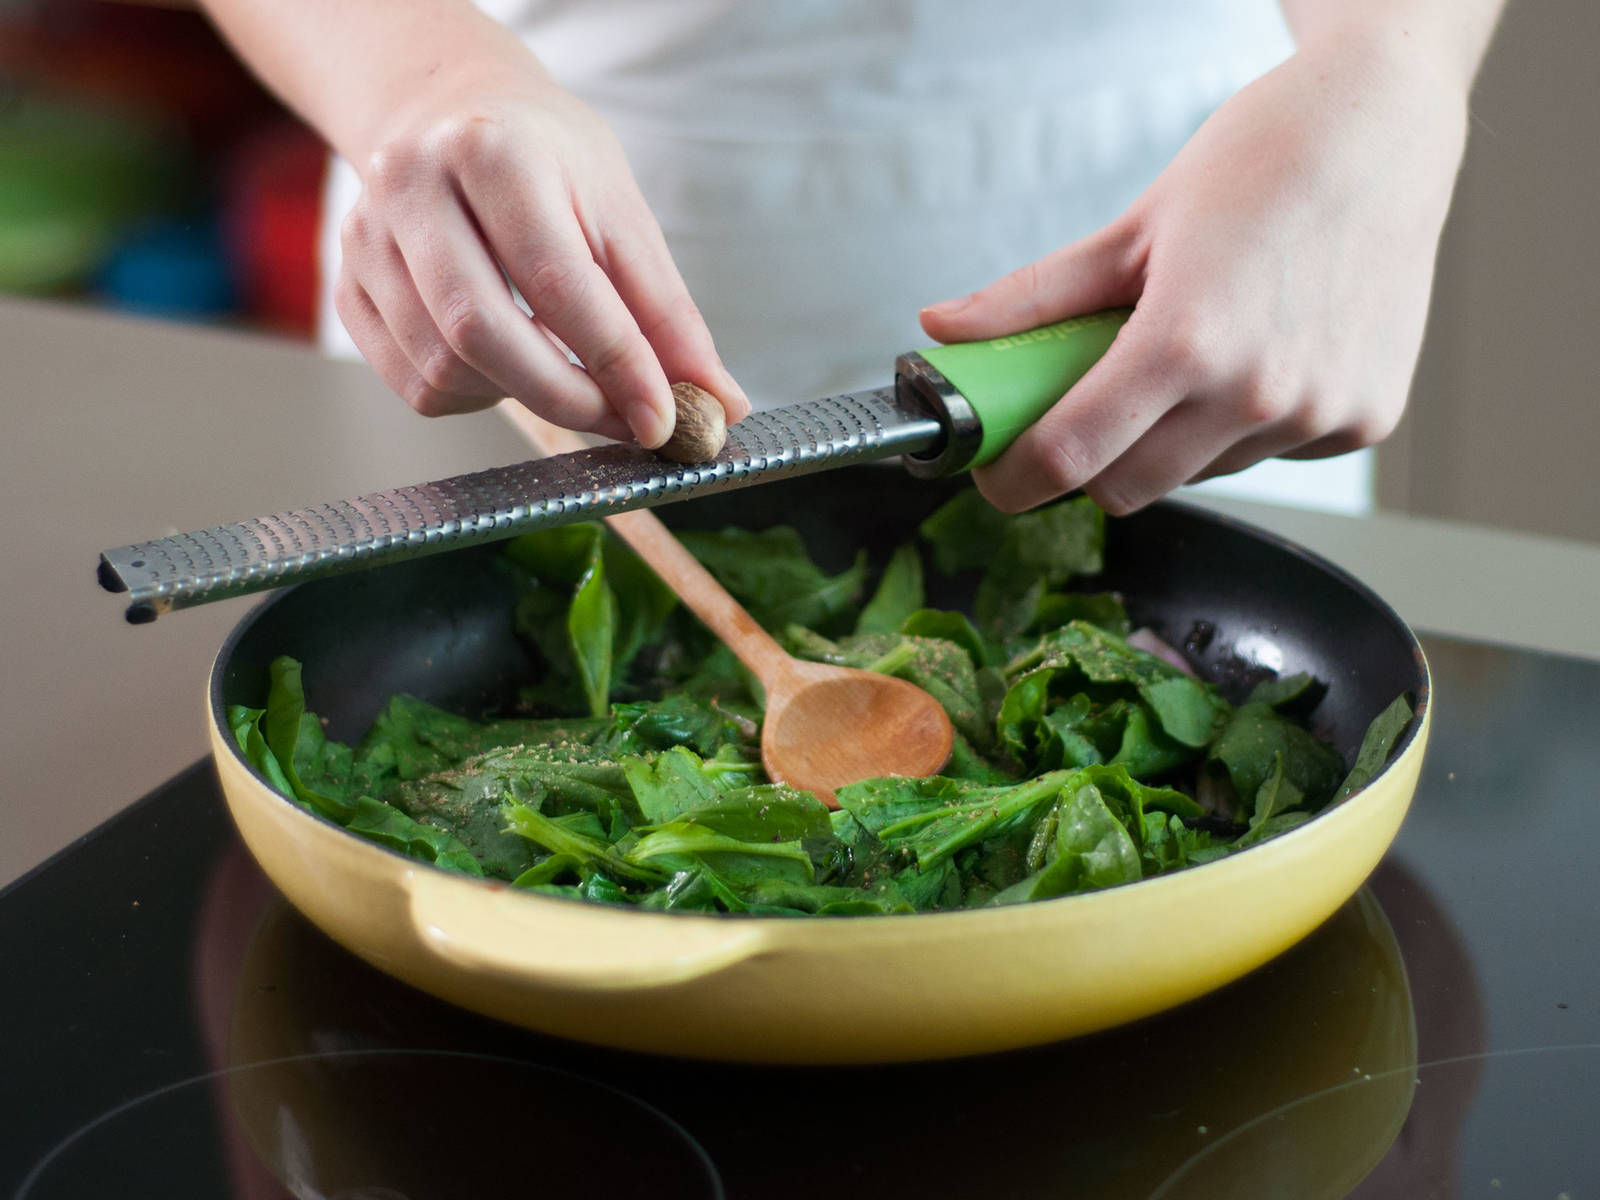 向大煎锅中注入适量植物油,用中温加热,放入洋葱碎煸炒1-2分钟。然后加入菠菜,继续煸炒1-2分钟至菠菜变软。向锅中擦入肉豆蔻并搅拌均匀,停止加热。